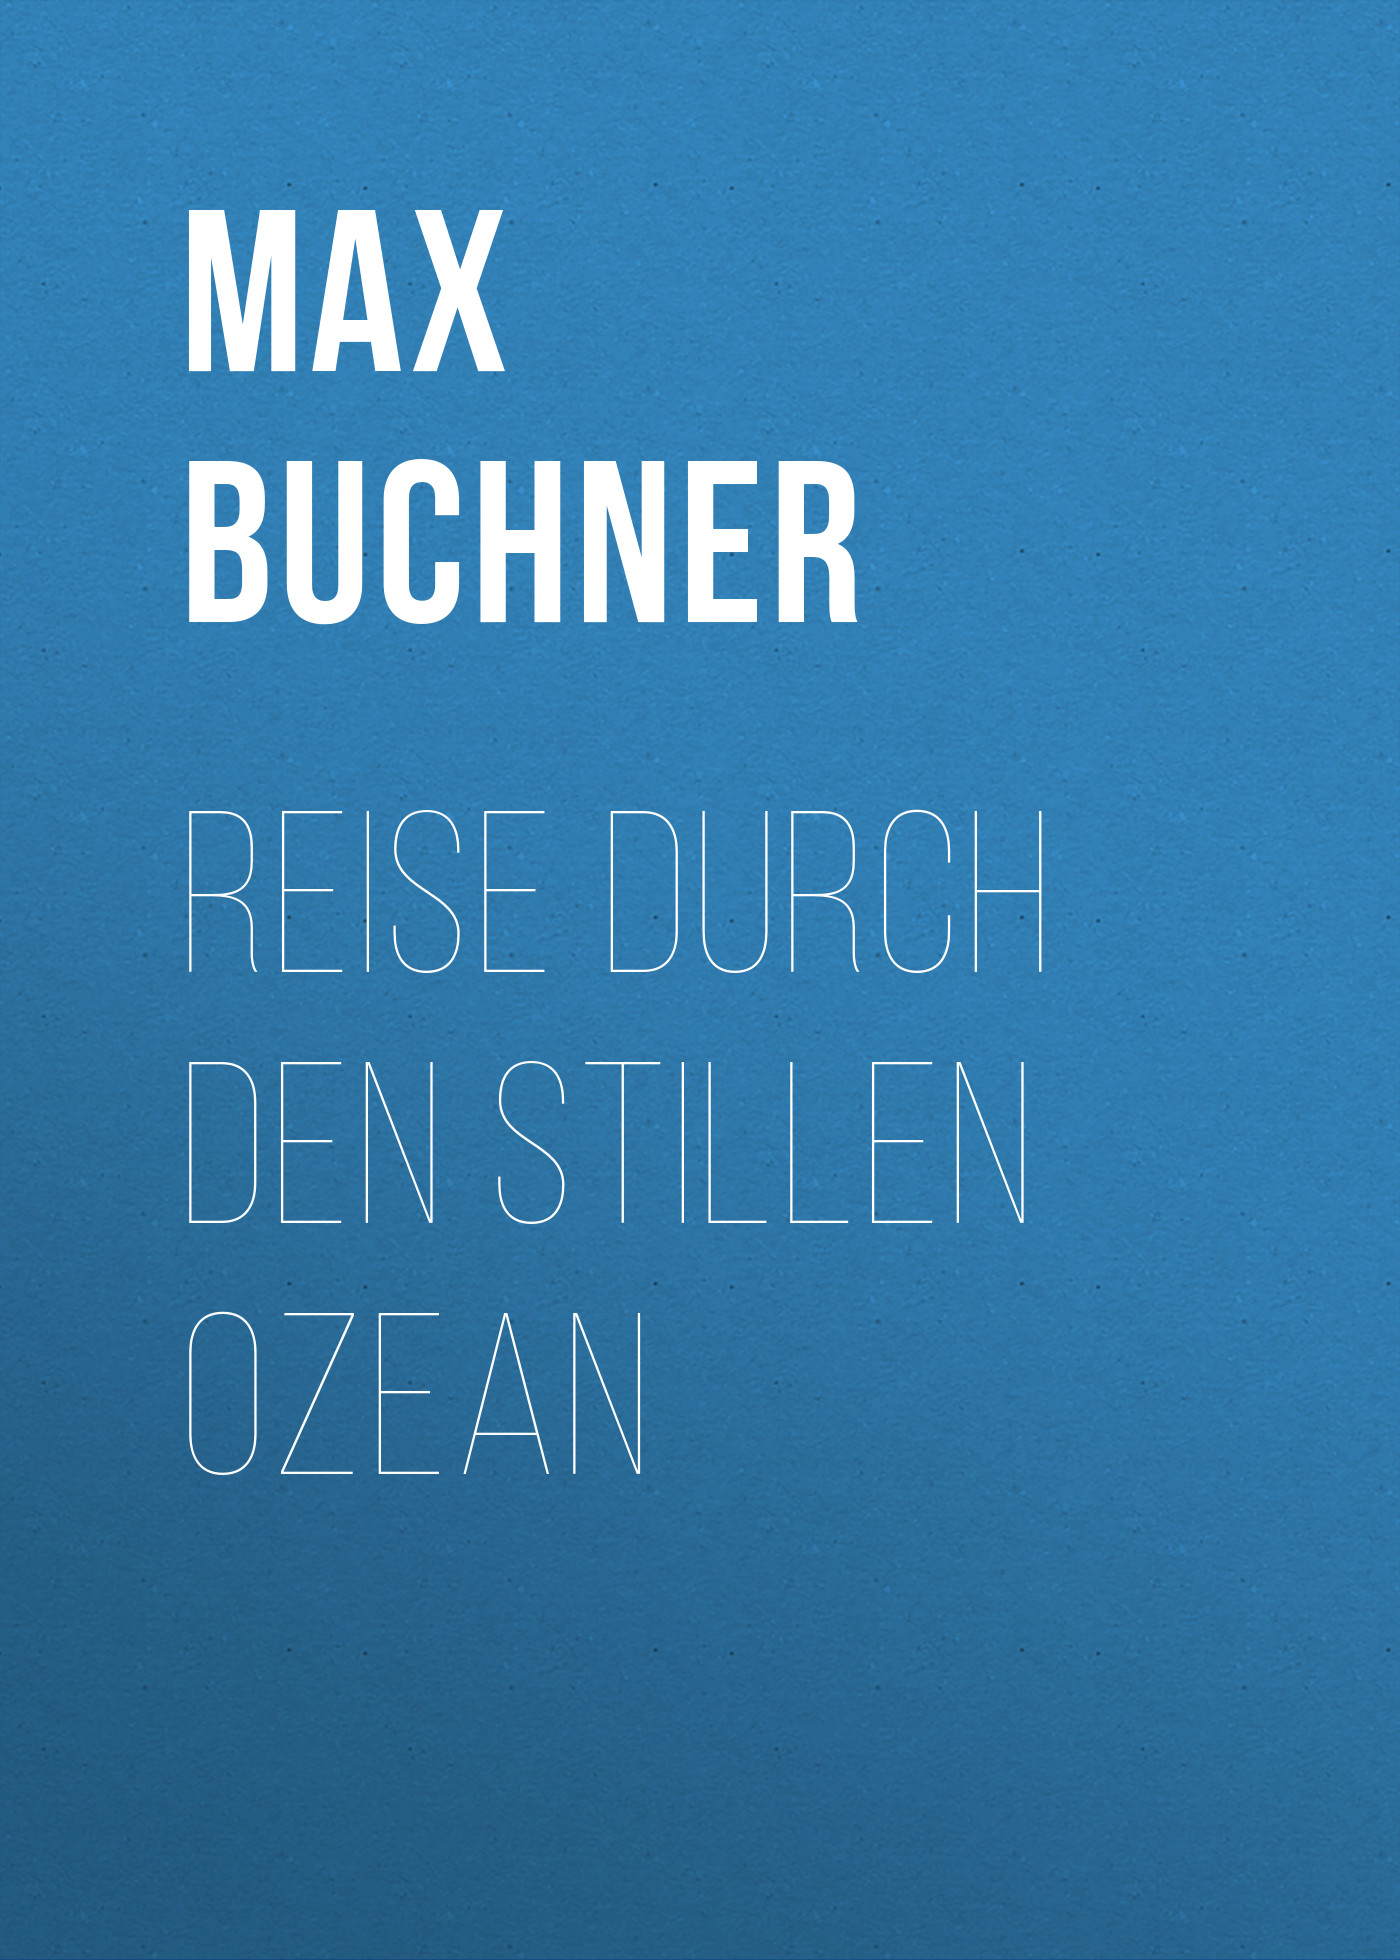 Buchner Max Reise durch den Stillen Ozean рюкзак picard 9809 113 023 ozean page 7